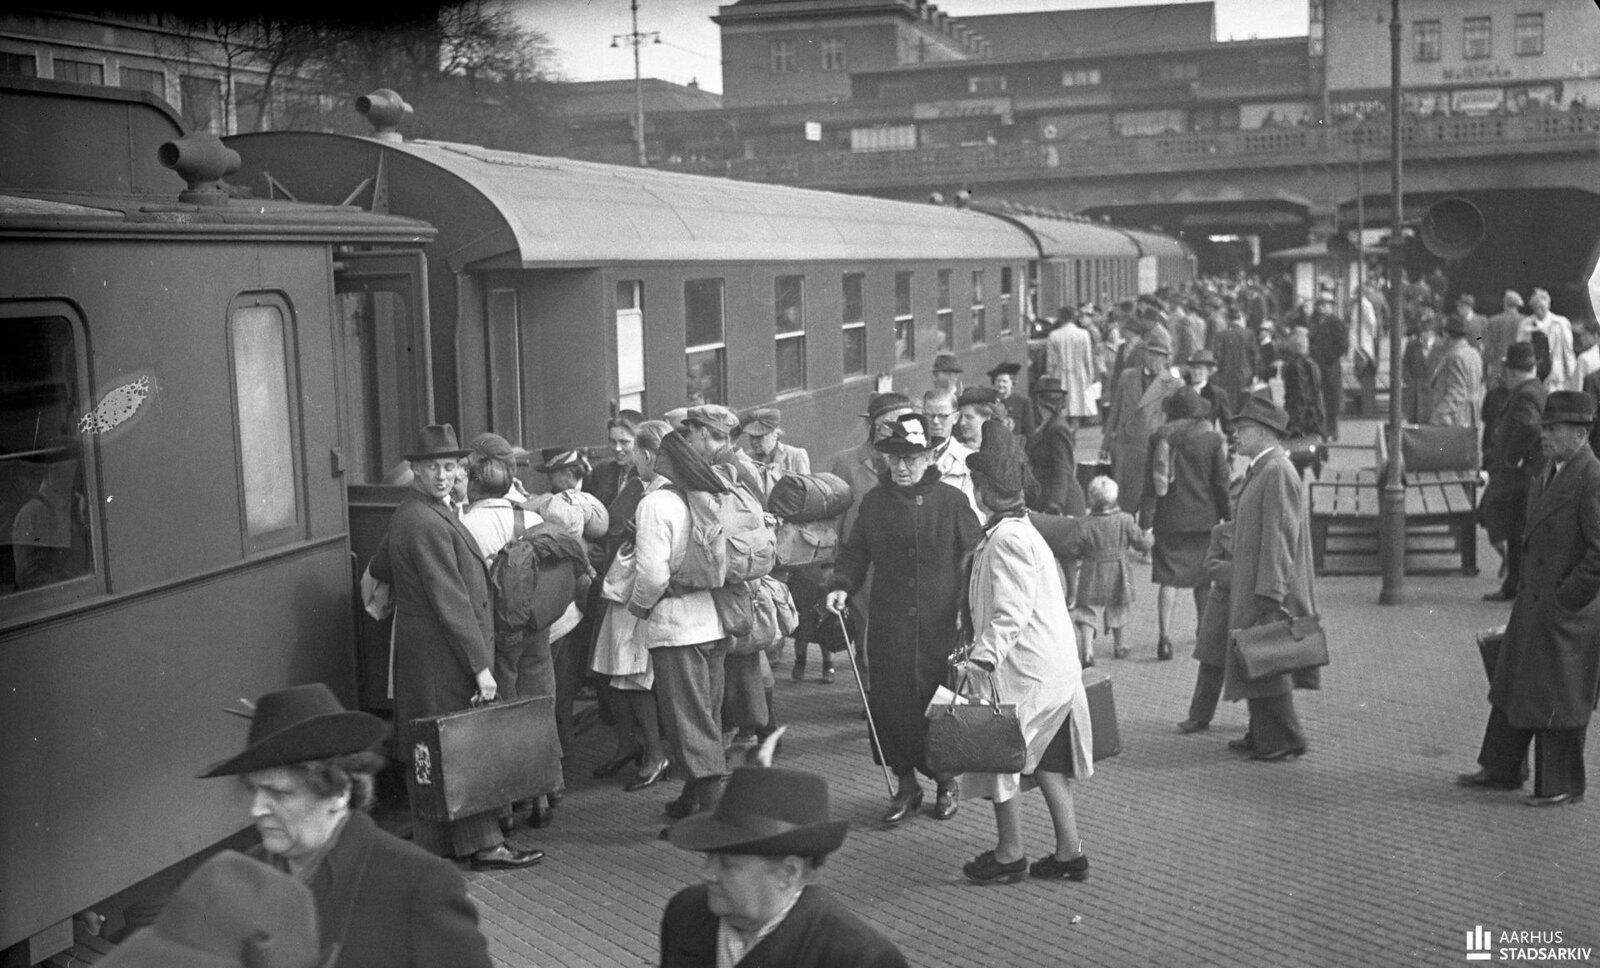 1943. Люди на платформе. Отъезжающие садятся в поезд.